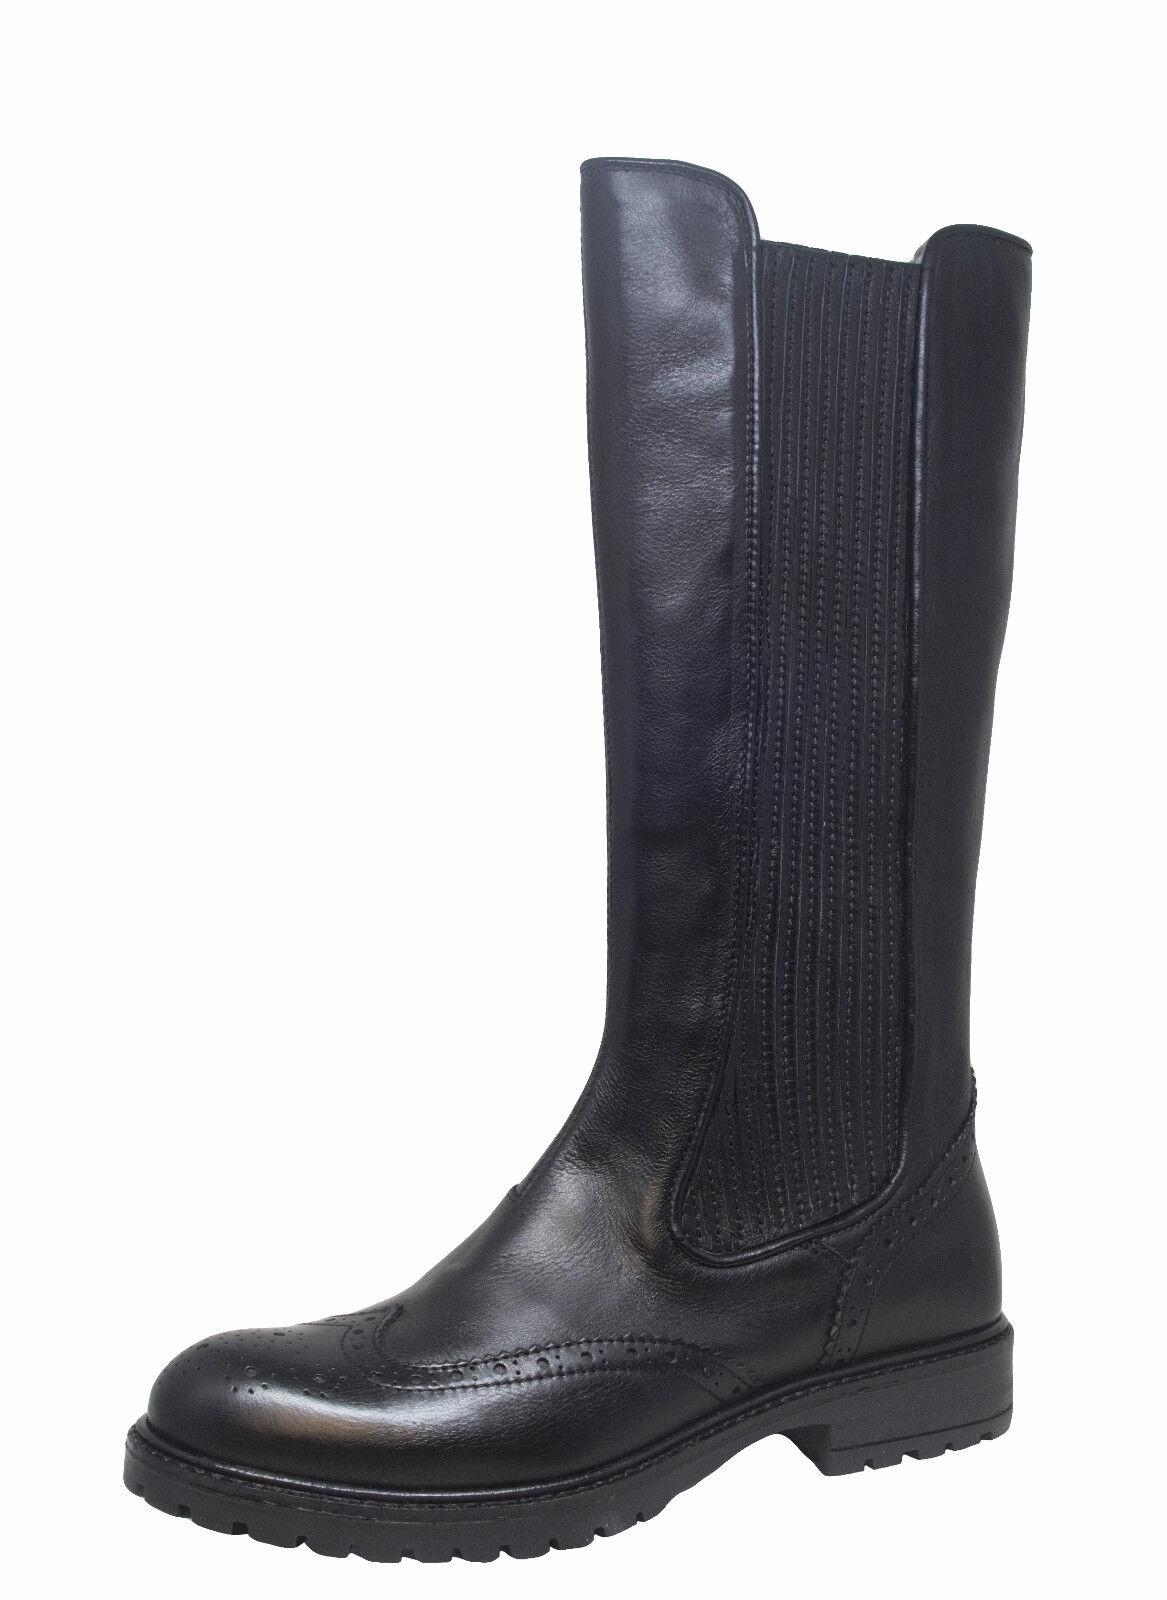 Momino Momino Momino 3425m cuero botas botas altas cordero talla 35 - 41 nuevo  descuento de ventas en línea